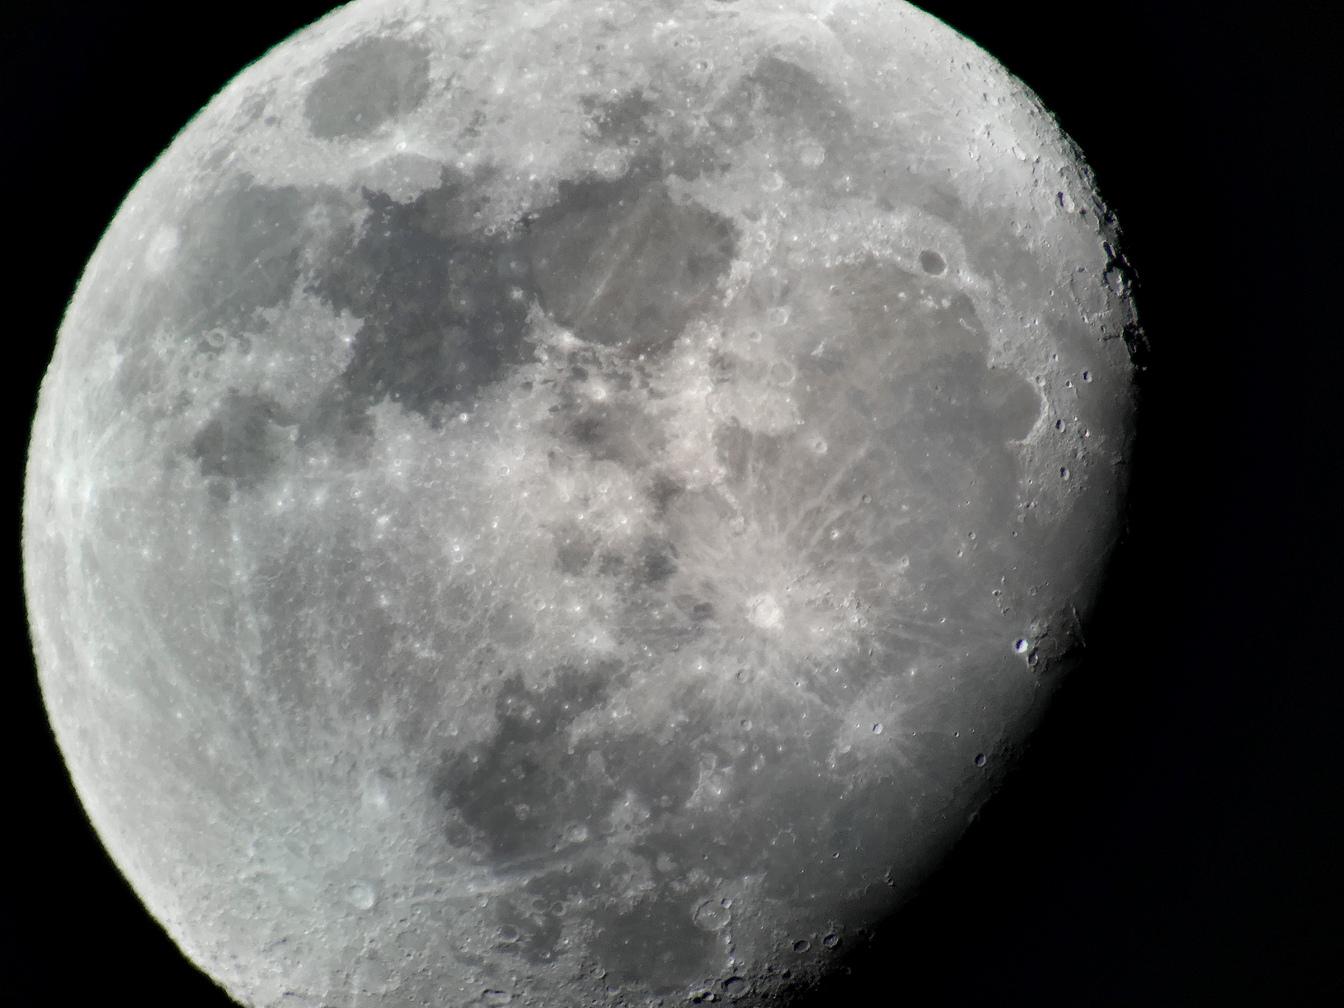 lune_01.jpg.8f328a33f95952dfa3869087f0edc094.jpg